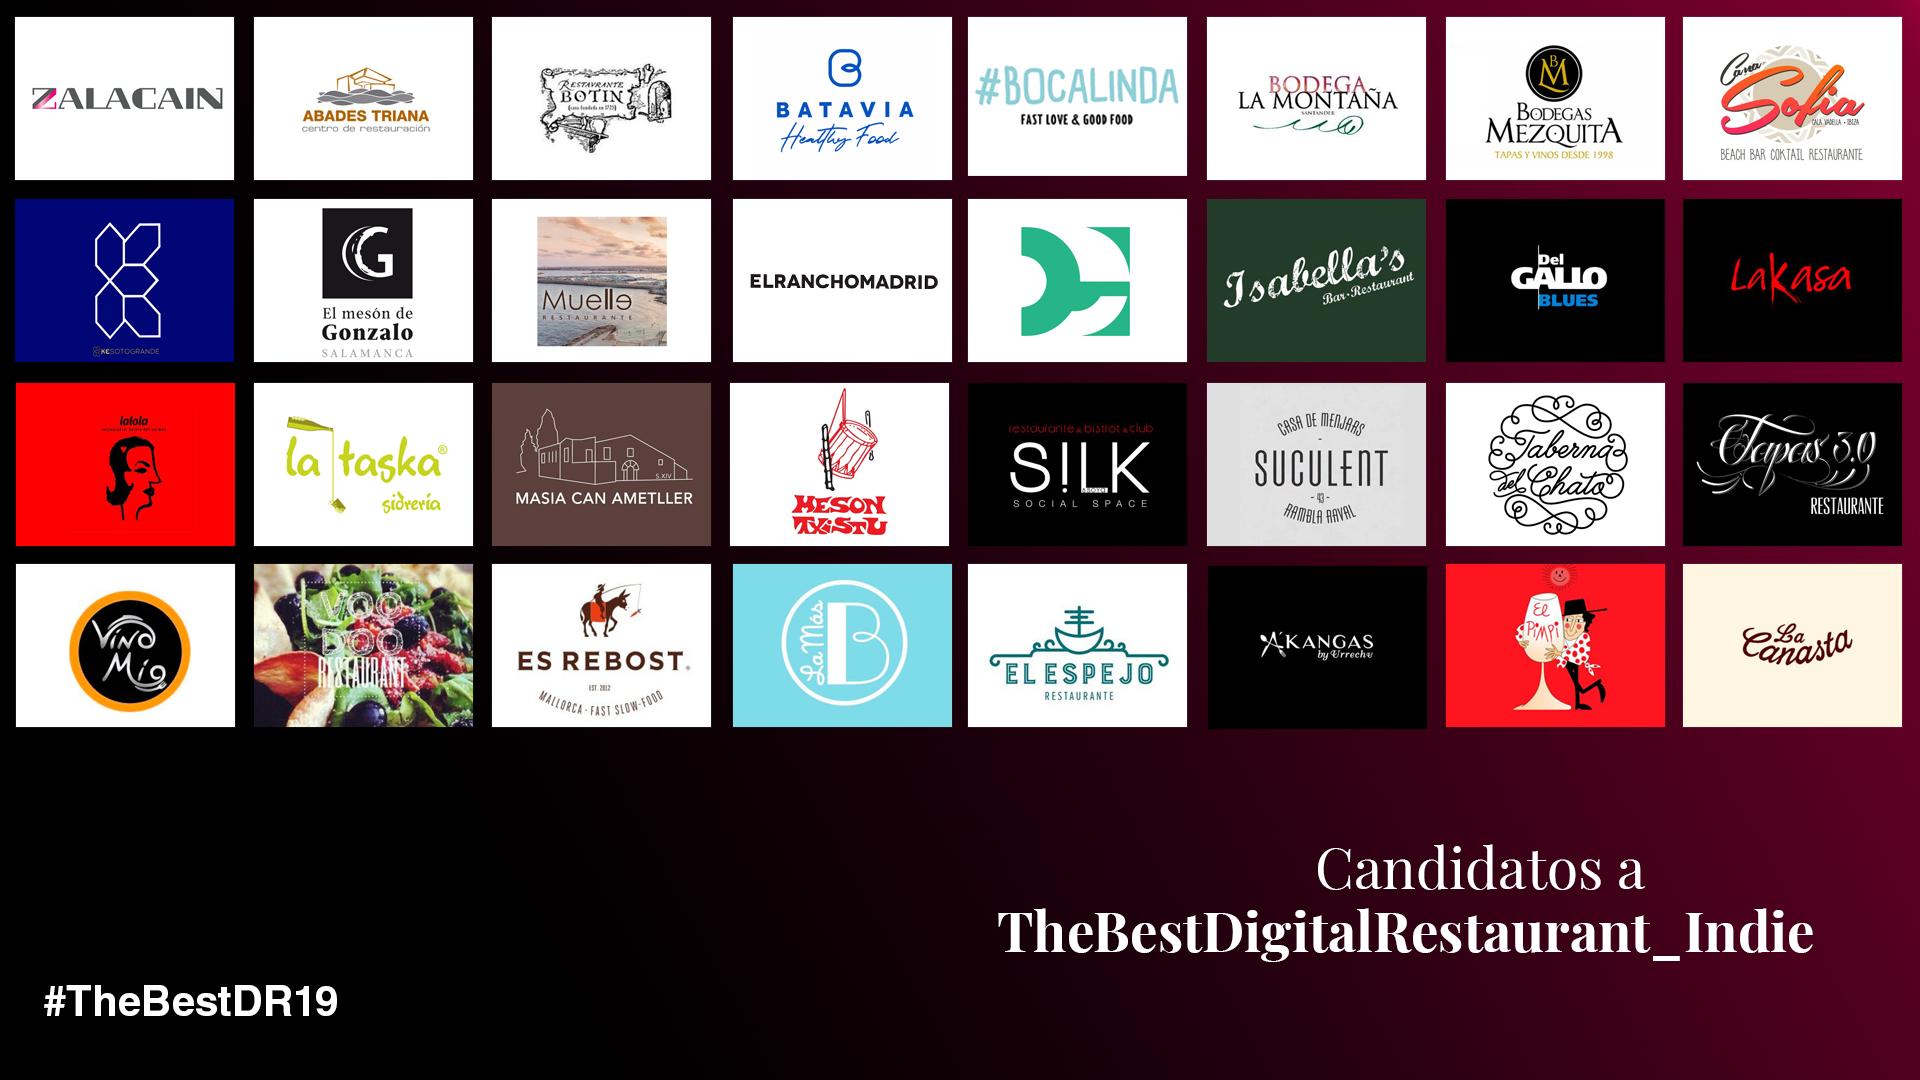 Nominados a TheBestDigitalRestaurant_Indie 2019